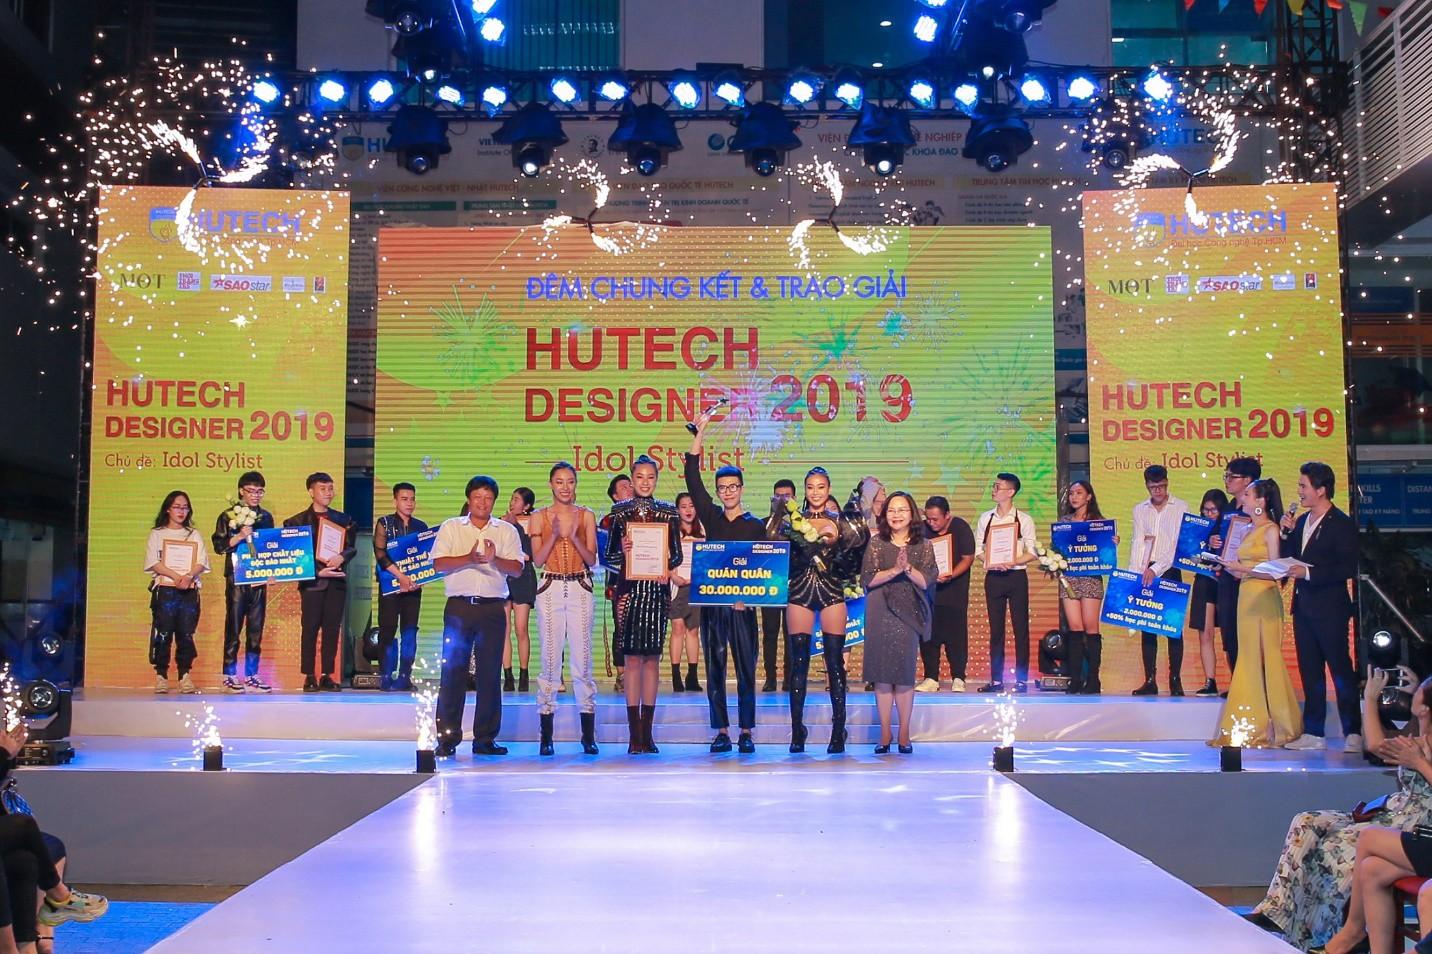 """Quán quân HUTECH Designer 2019 đăng quang với ý tưởng """"lạ"""" - Mũ giáp Kabuto - Ảnh 3."""